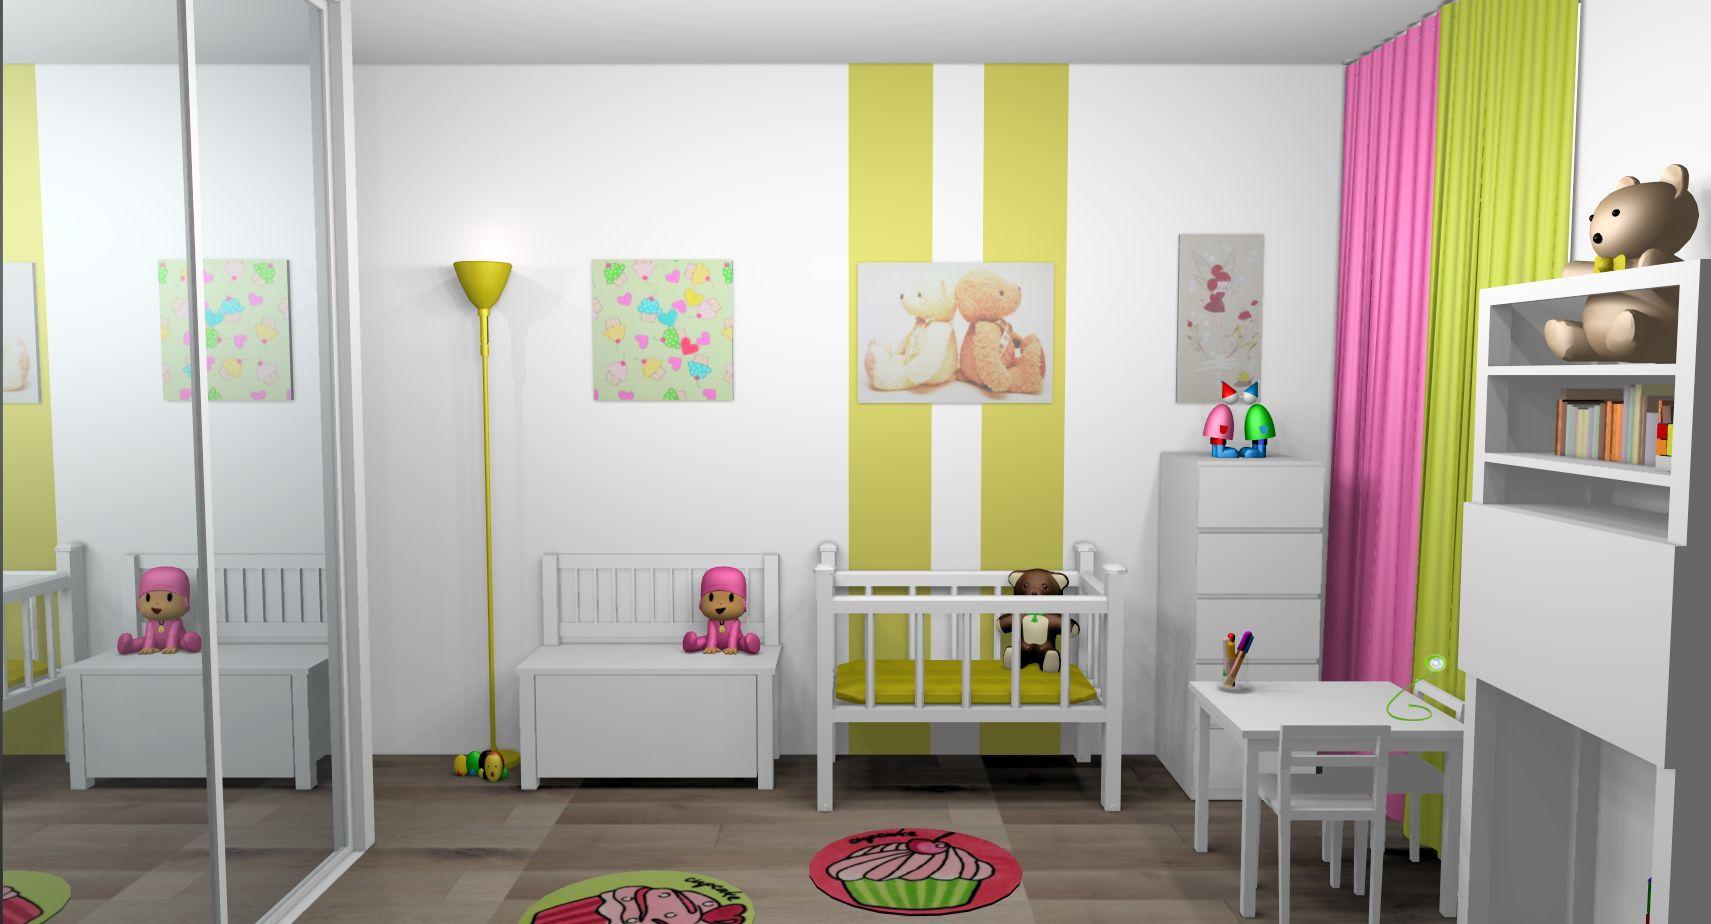 chambre mixte fille bb bandes peinture touches vert anis rose 3jpg 1711924 chambre bb pinterest - Peinture Chambre Fille Rose Et Blanc